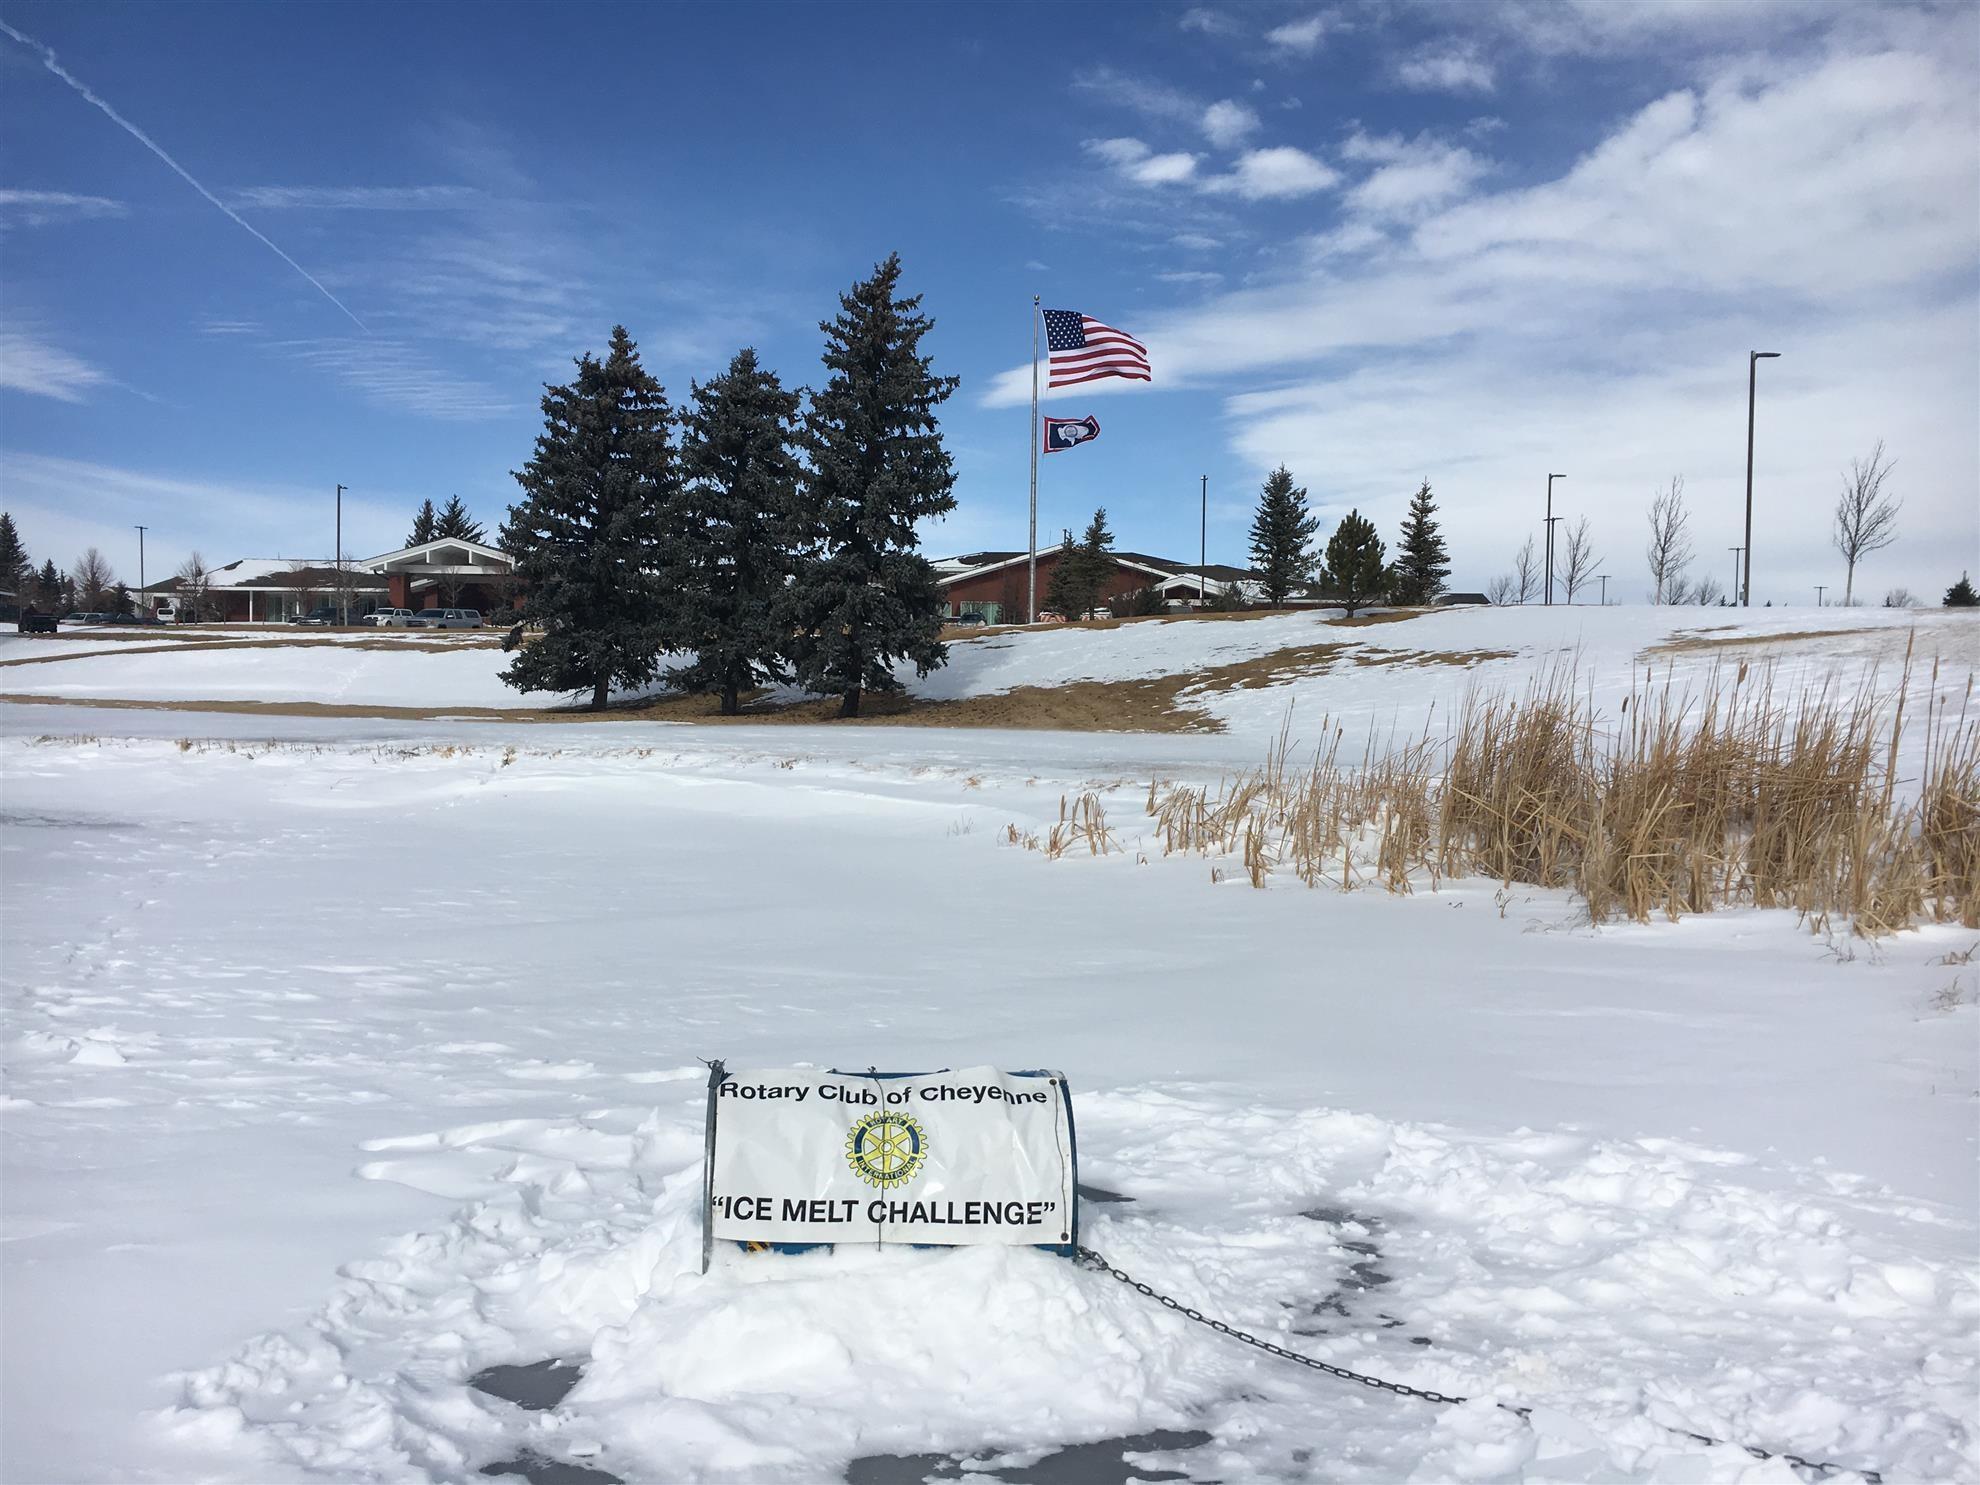 4th Annual Ice Melt Challenge is Underway